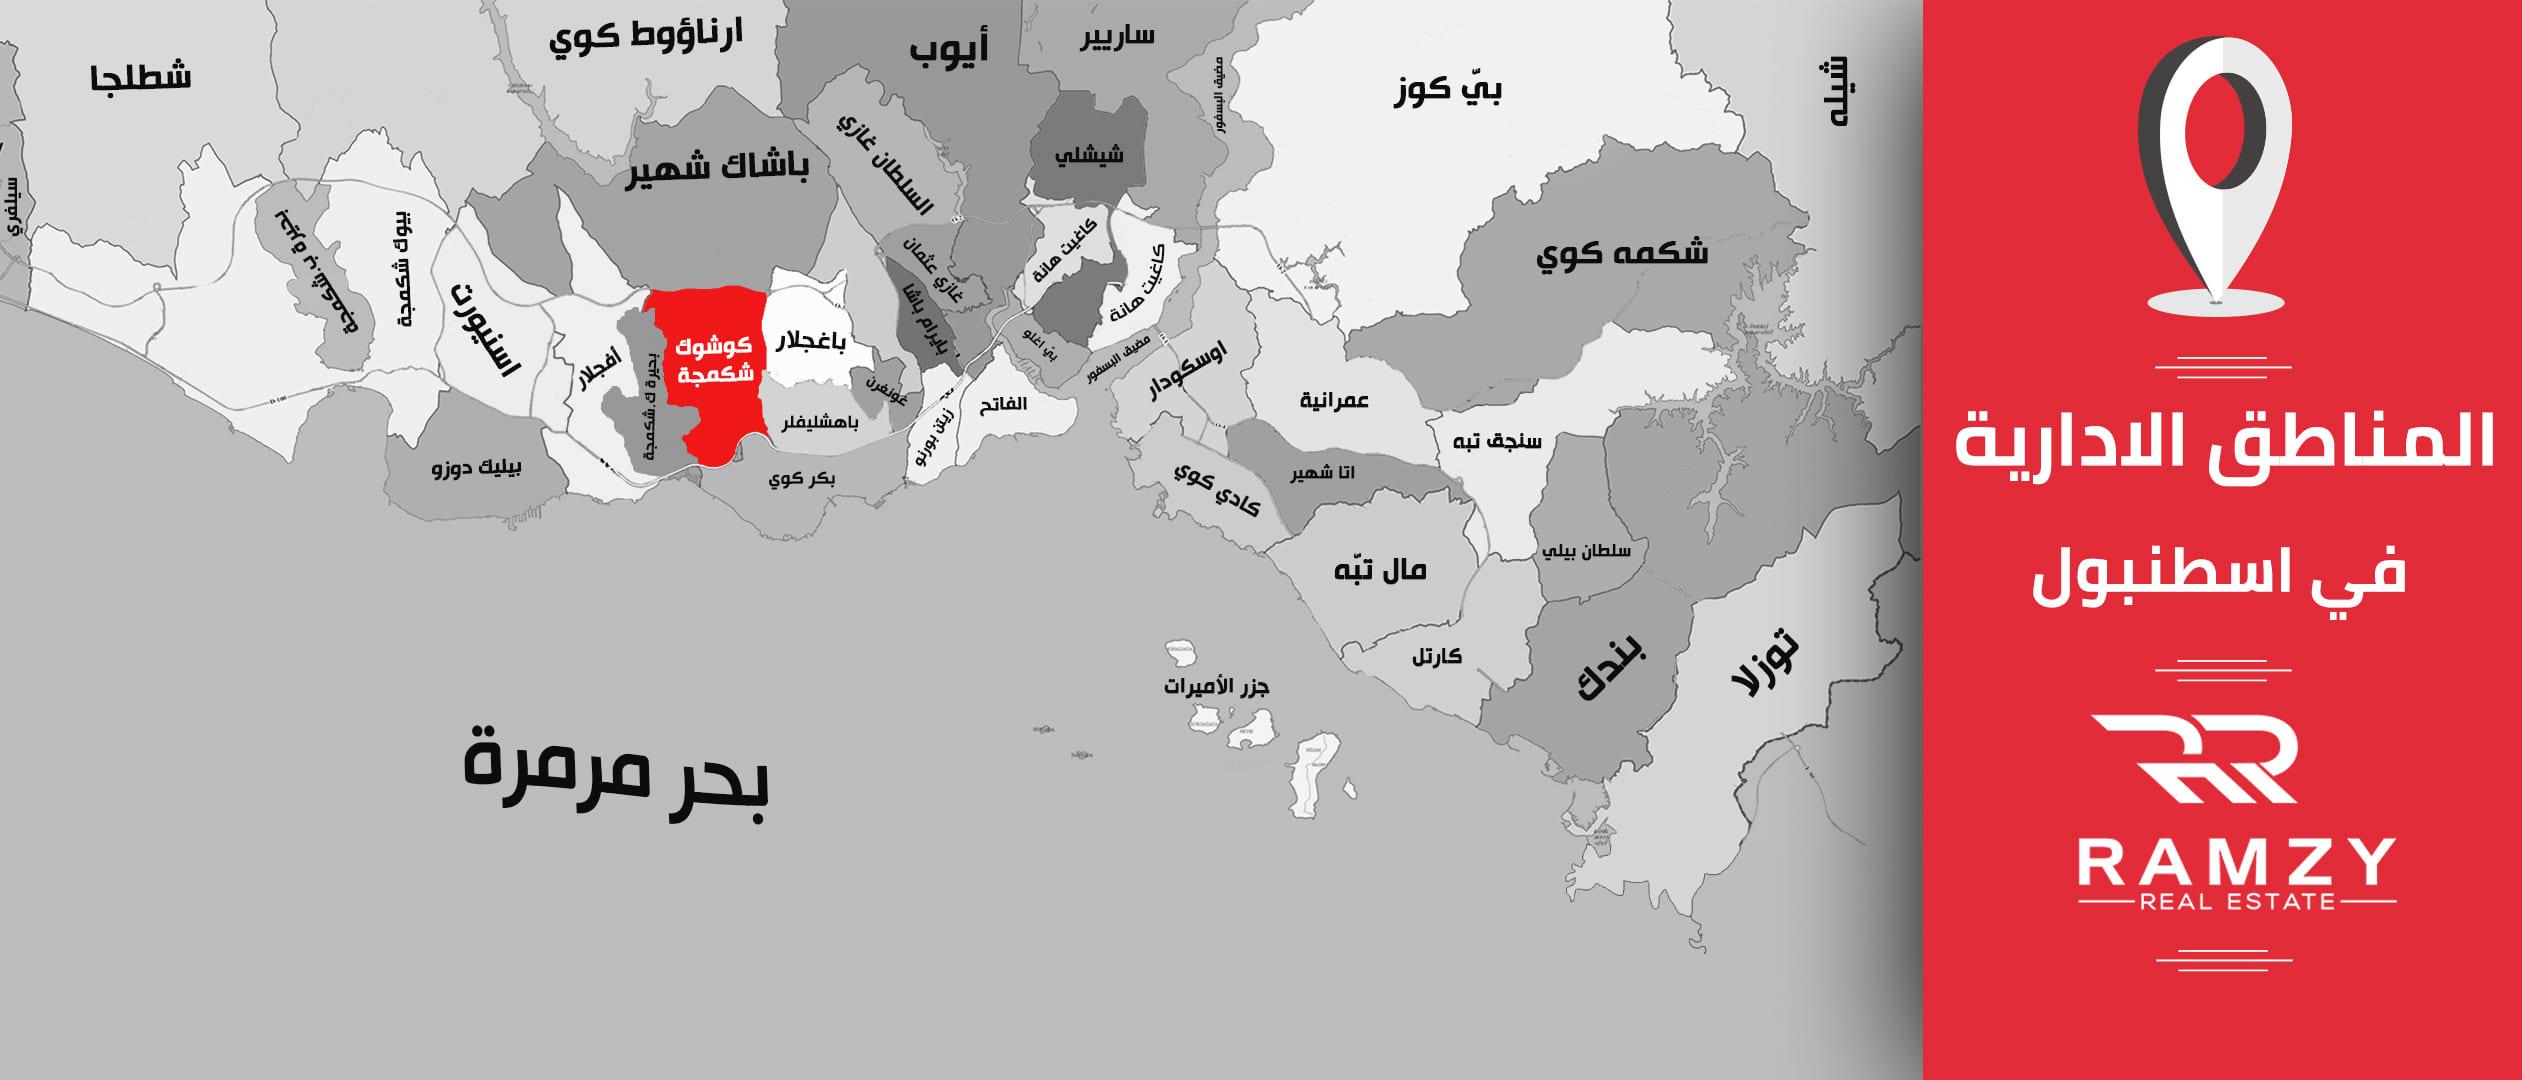 موقع كوشوك شكمجة على الخريطة